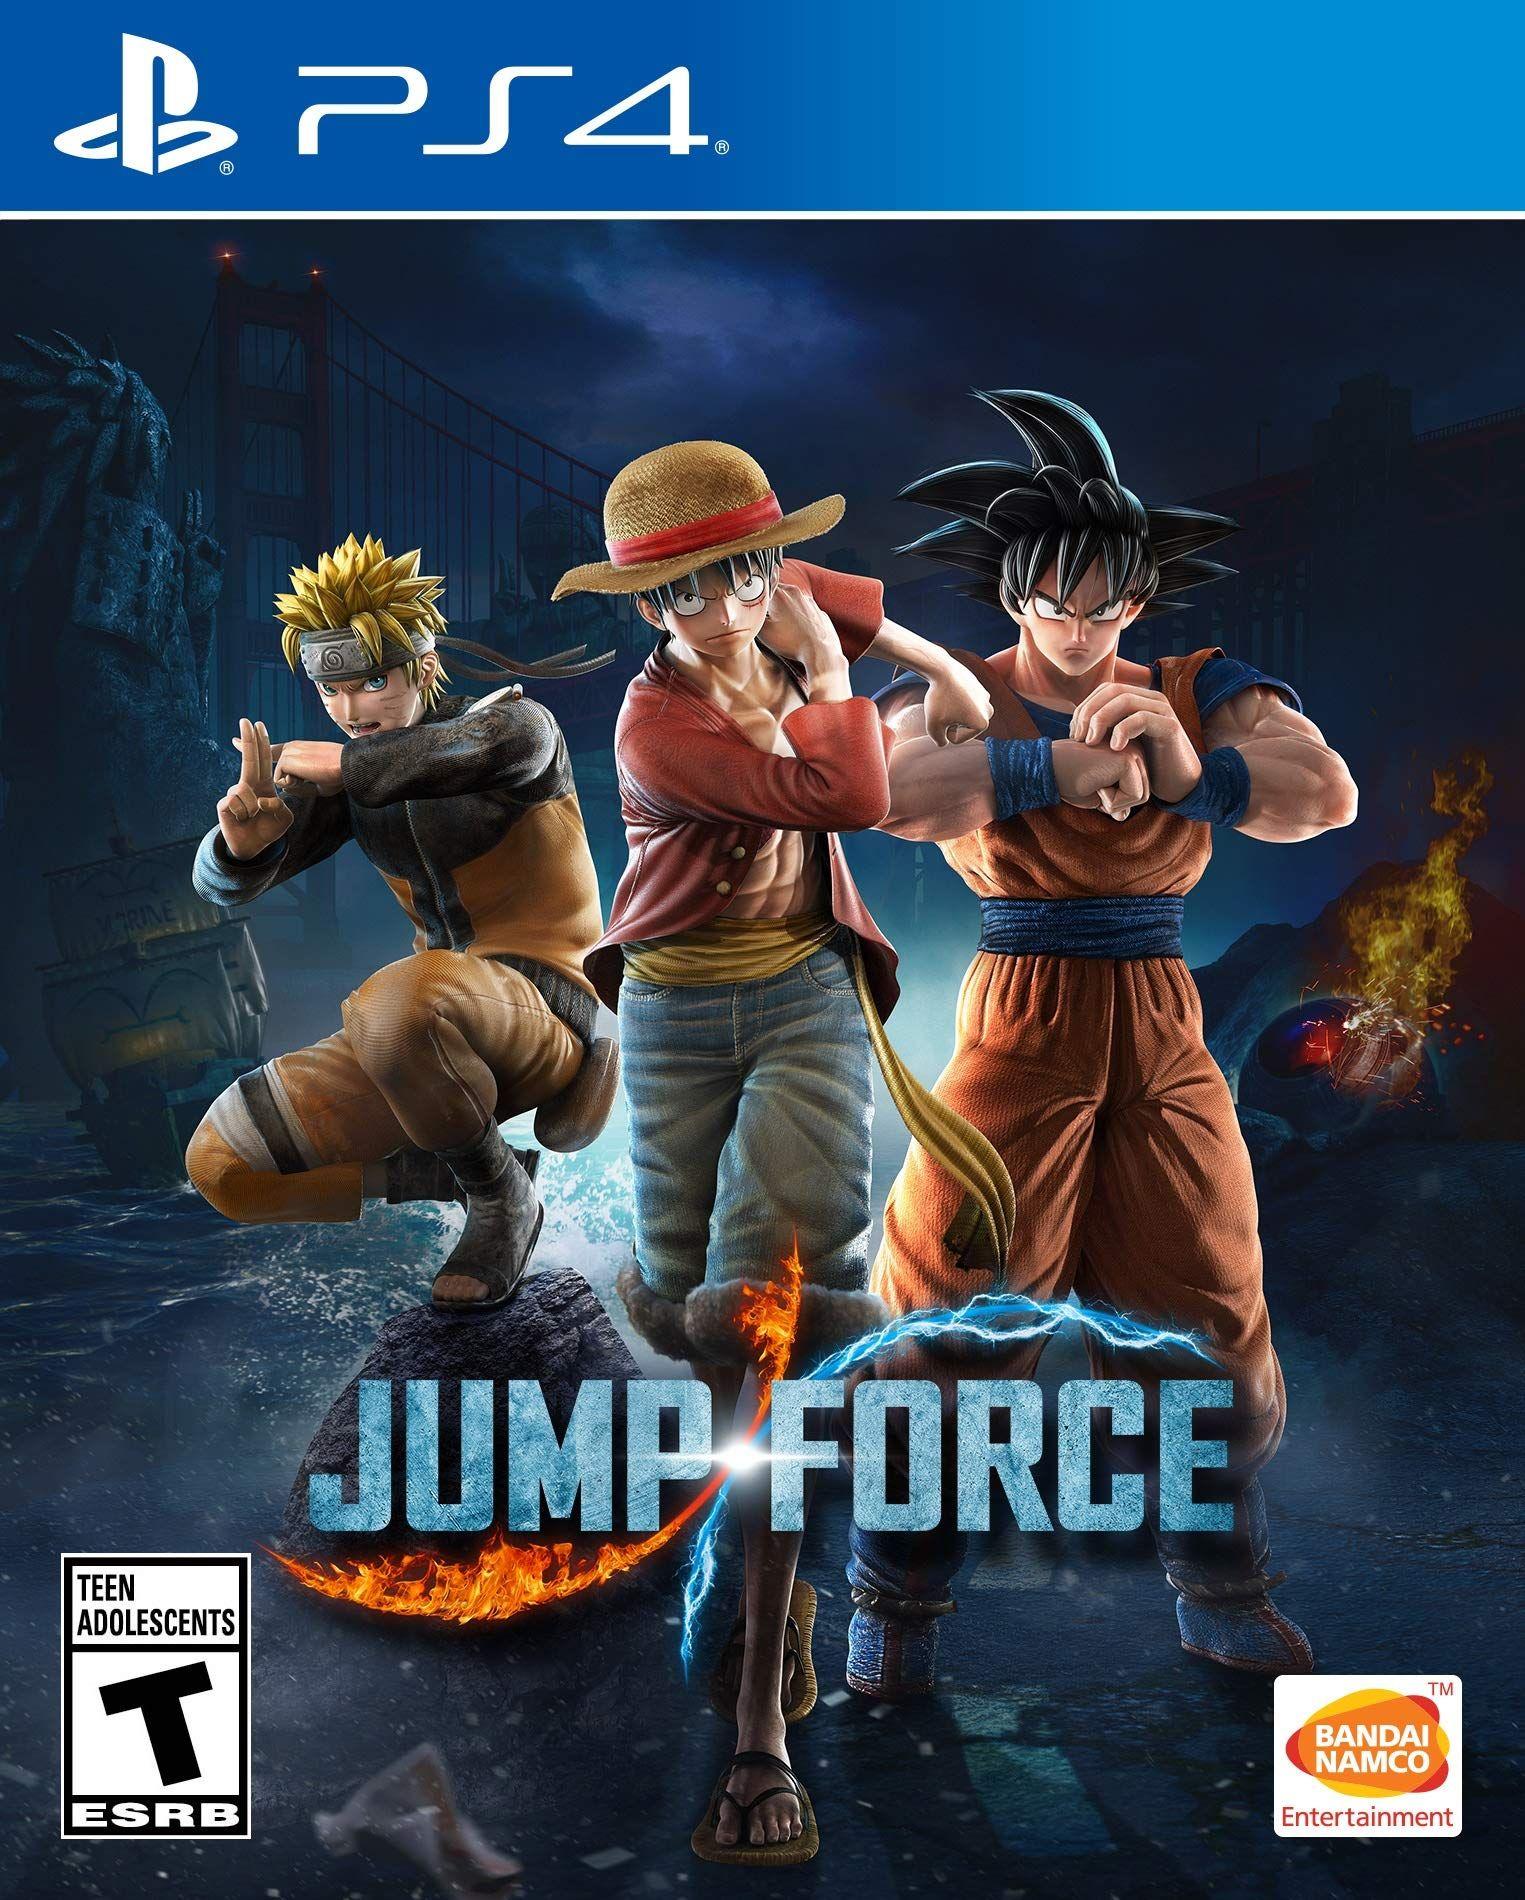 Jump Force Bandai Namco Entertainment Playstation 4 Bandai